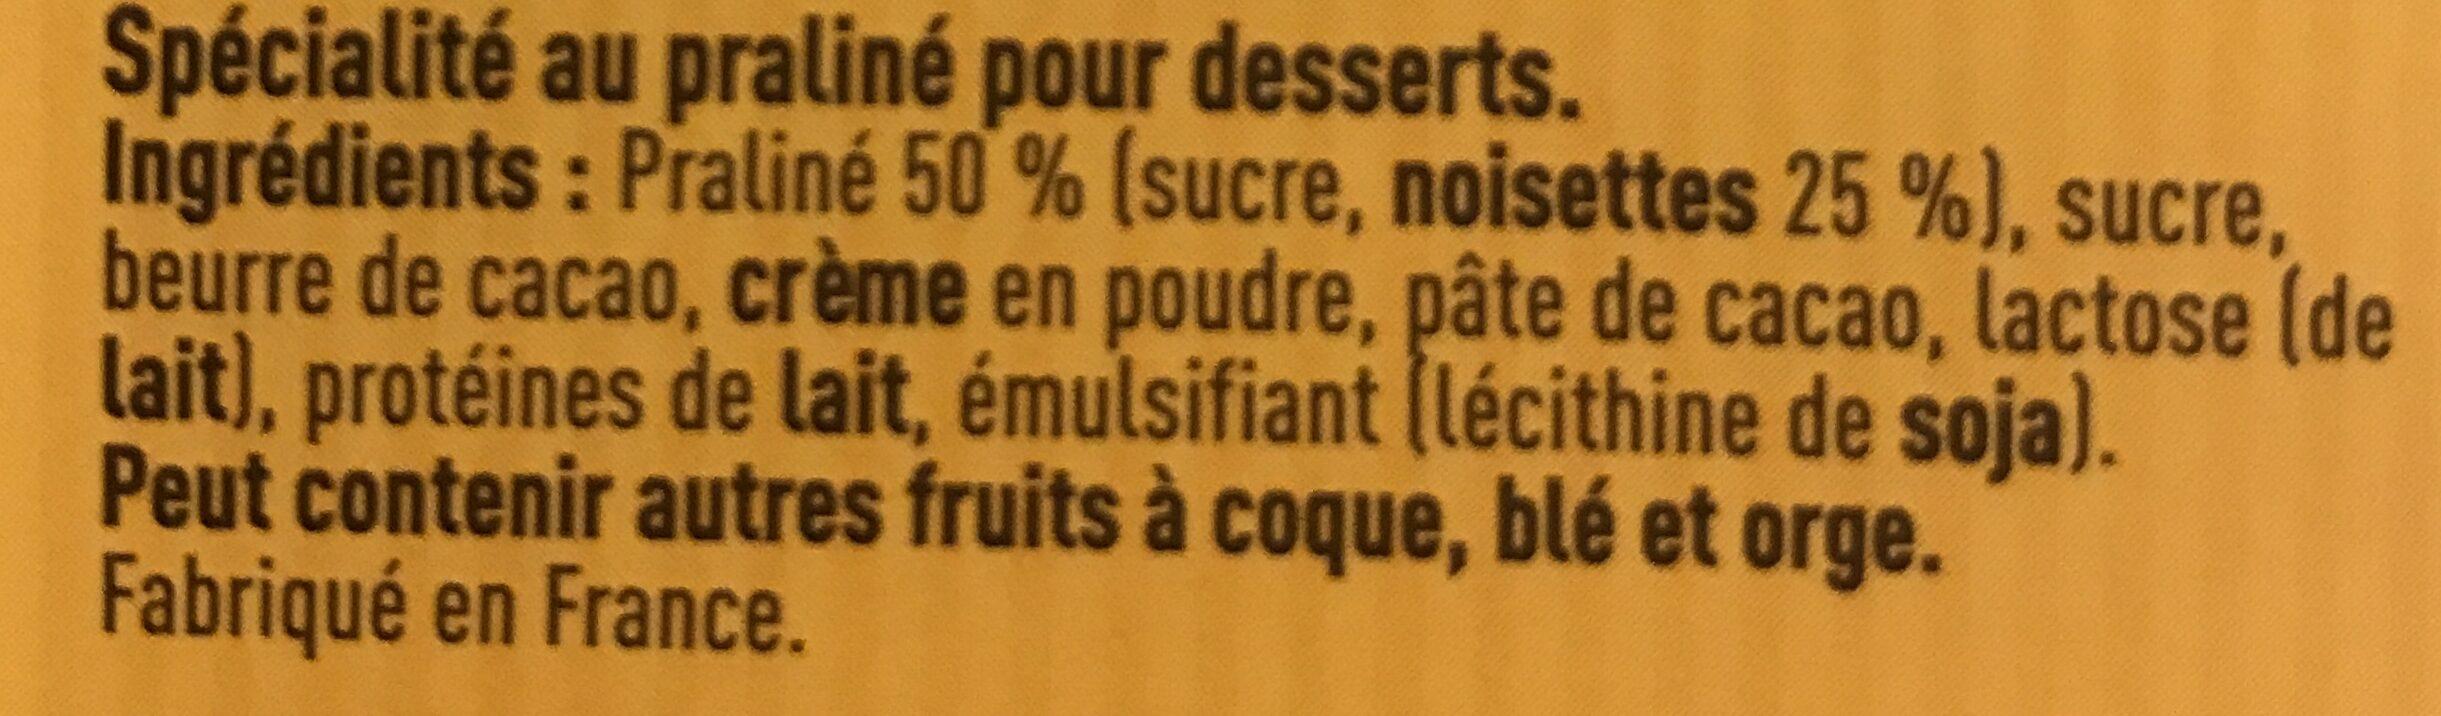 Pralinoise - Ingredientes - fr